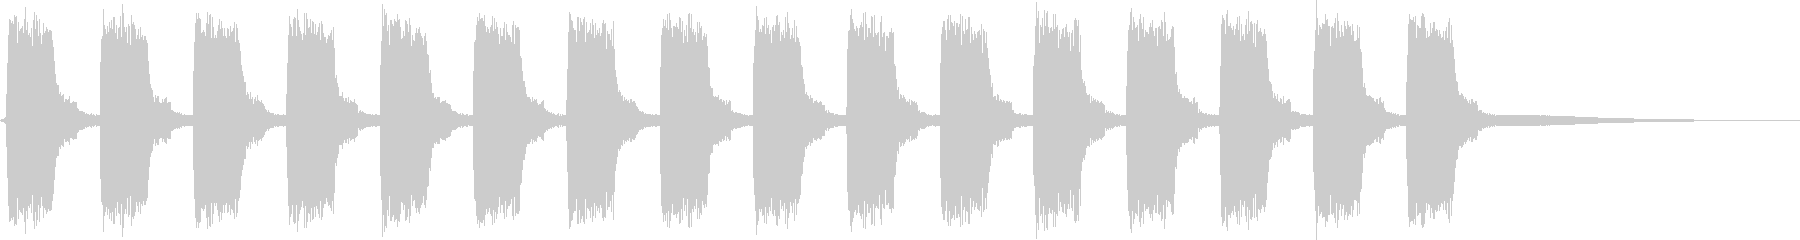 ビービー…。緊急事態の警報音D(長)の未再生の波形